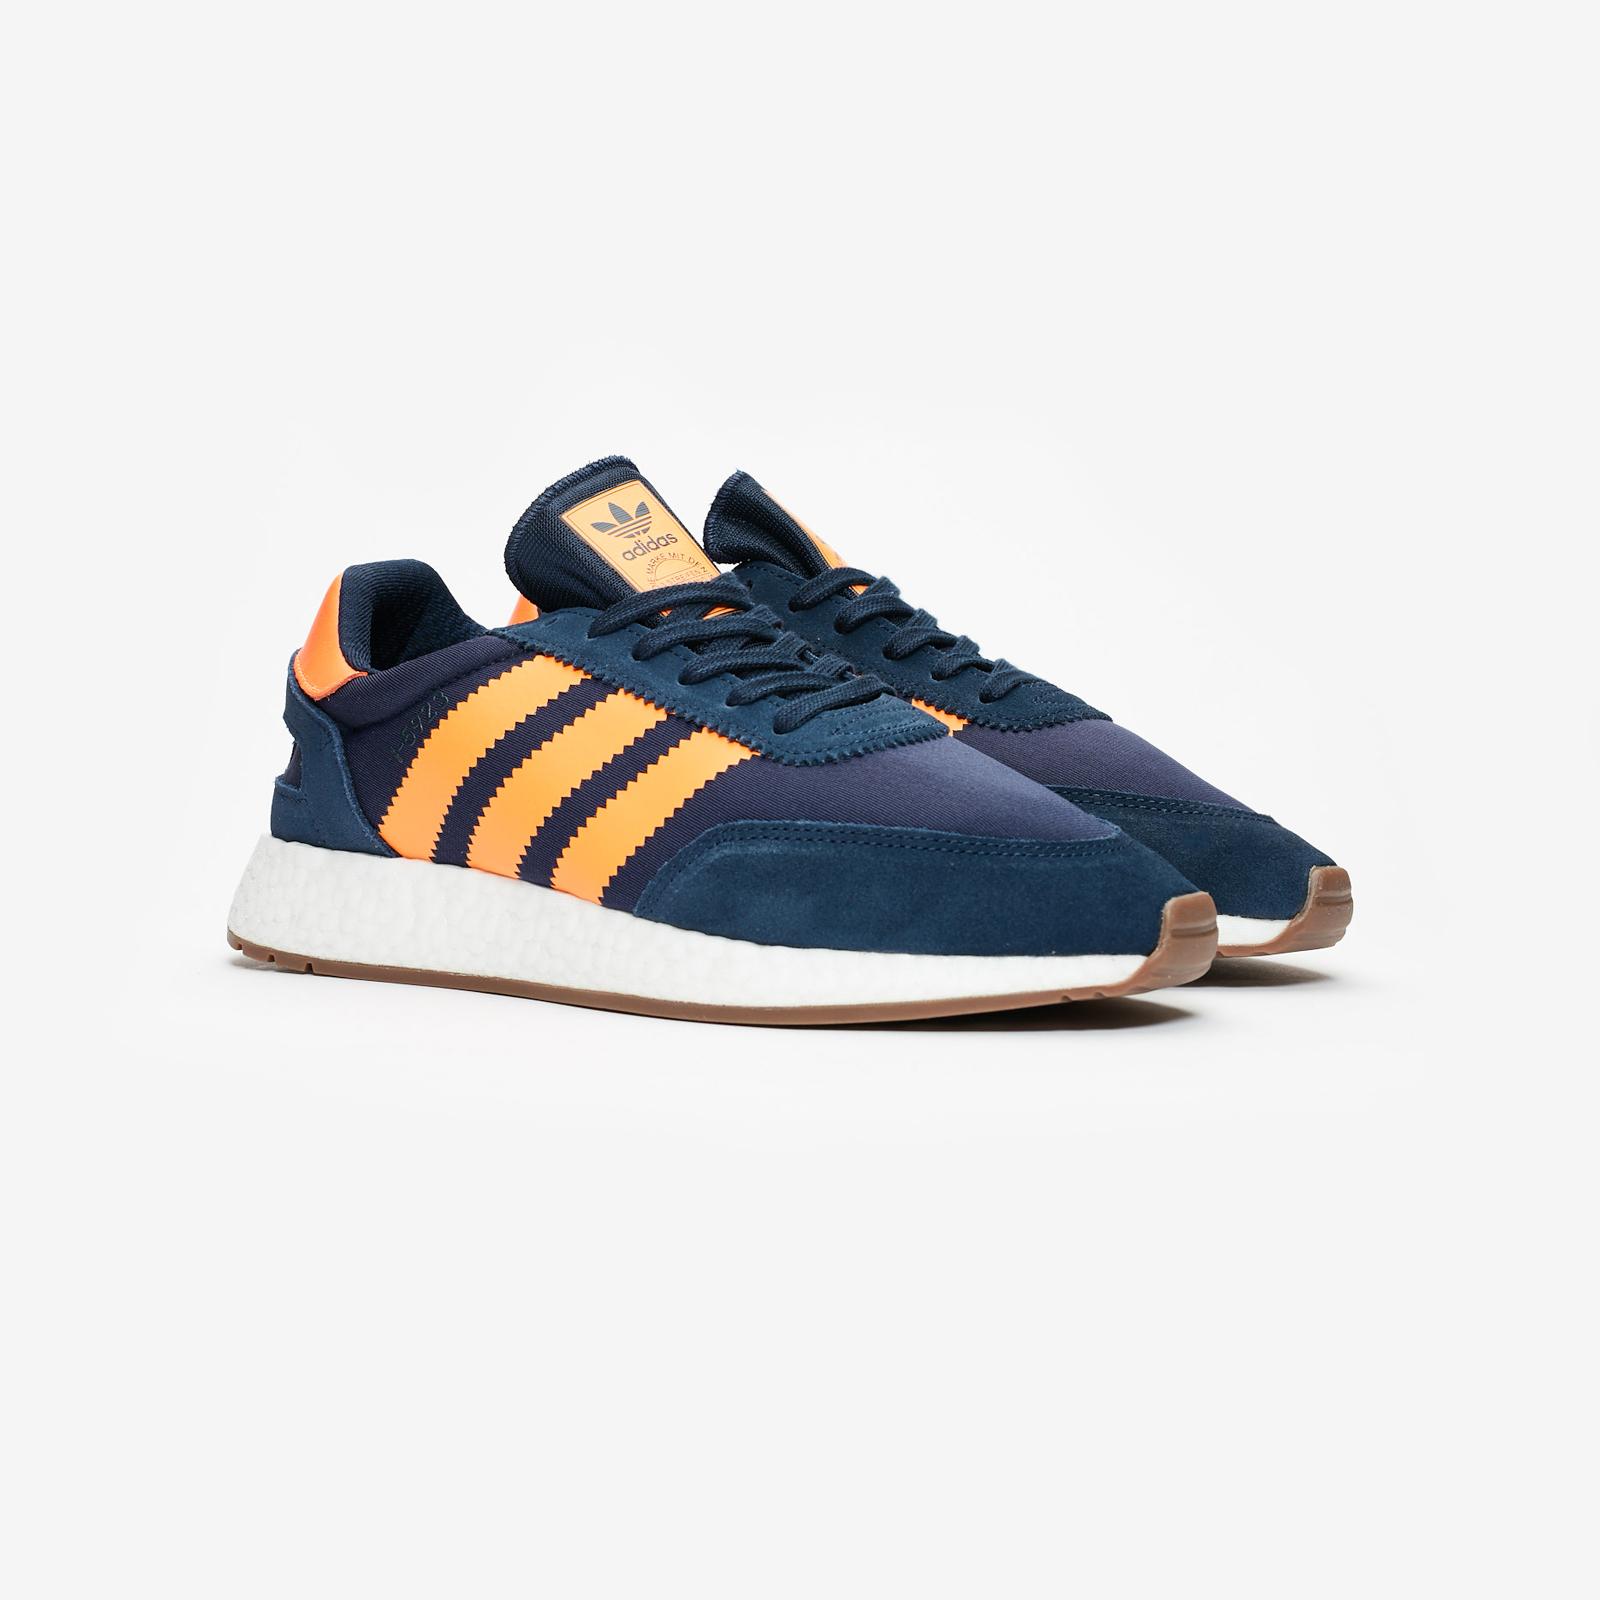 adidas I 5923 B37919 Sneakersnstuff | sneakers